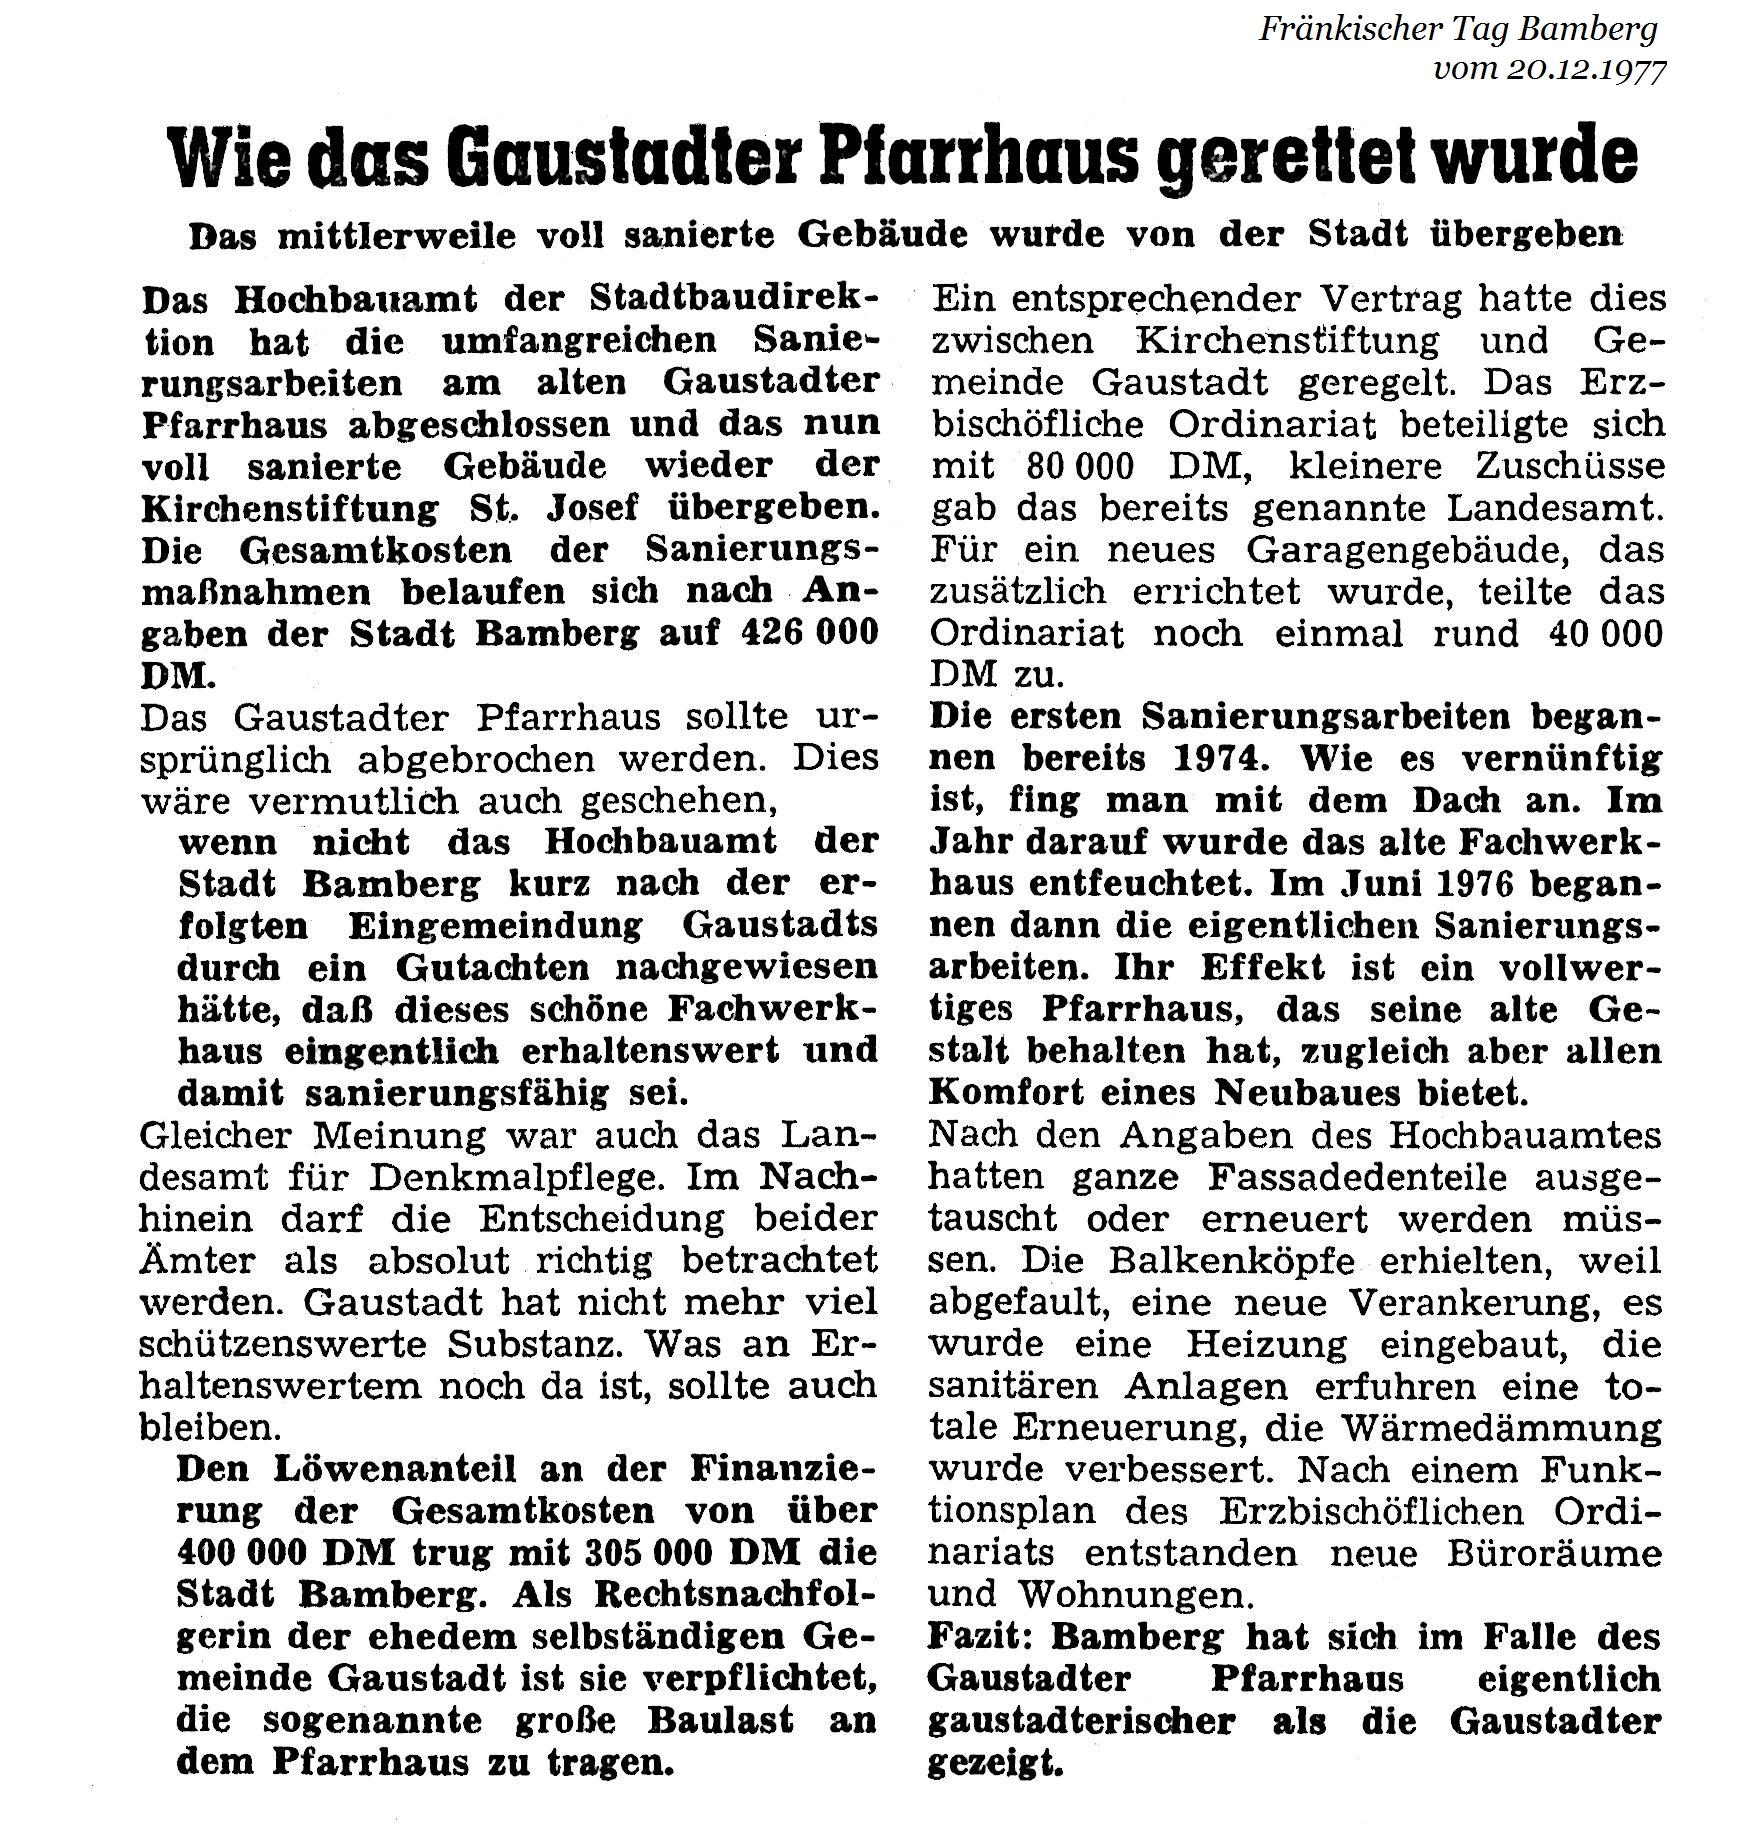 Wie das Gaustadter Pfarrhaus gerettet wurde 1977